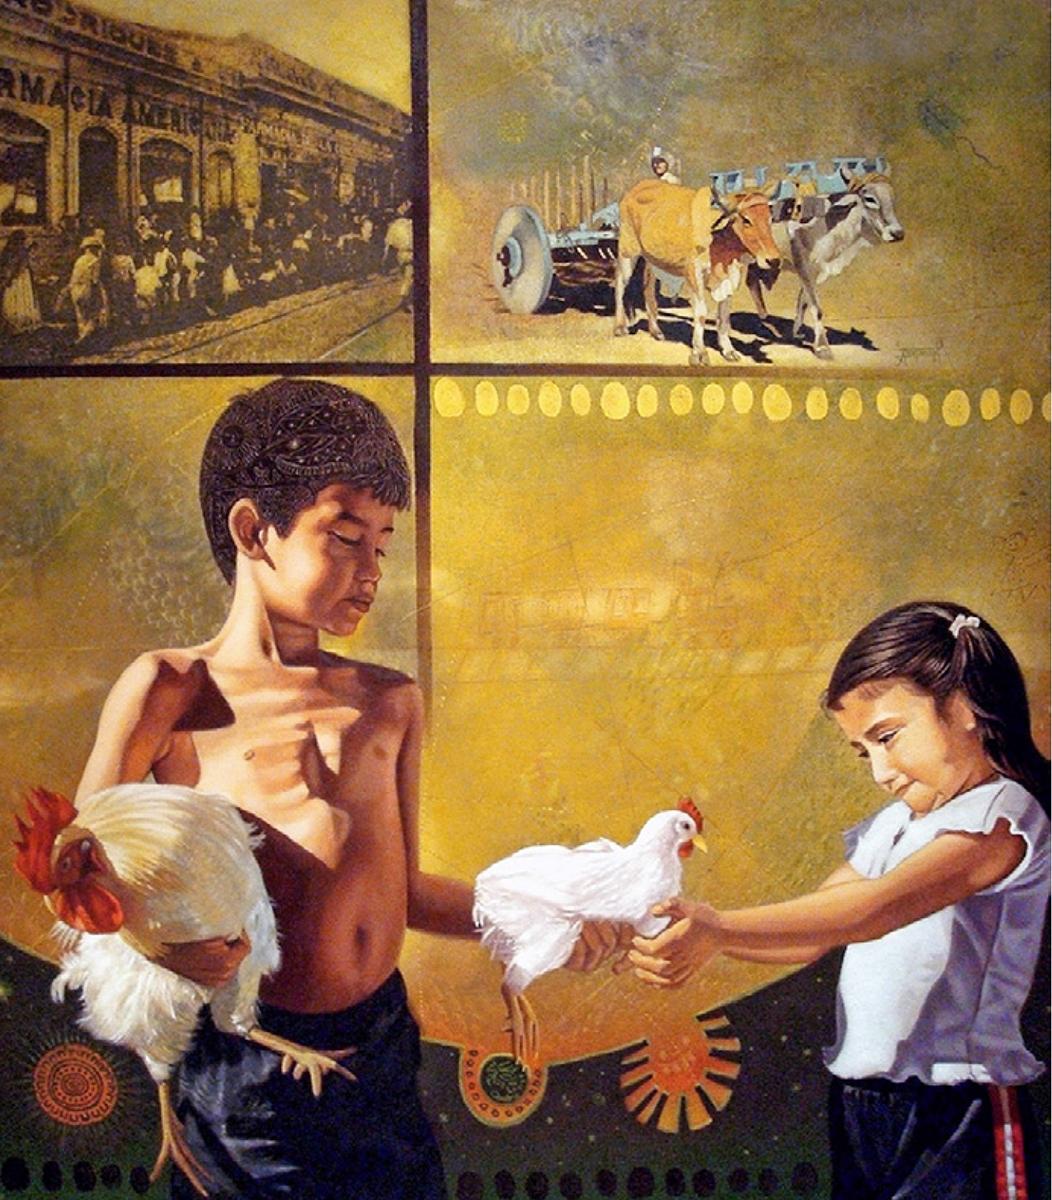 Día de la recolecta - Alex Cuchilla - El Salvador